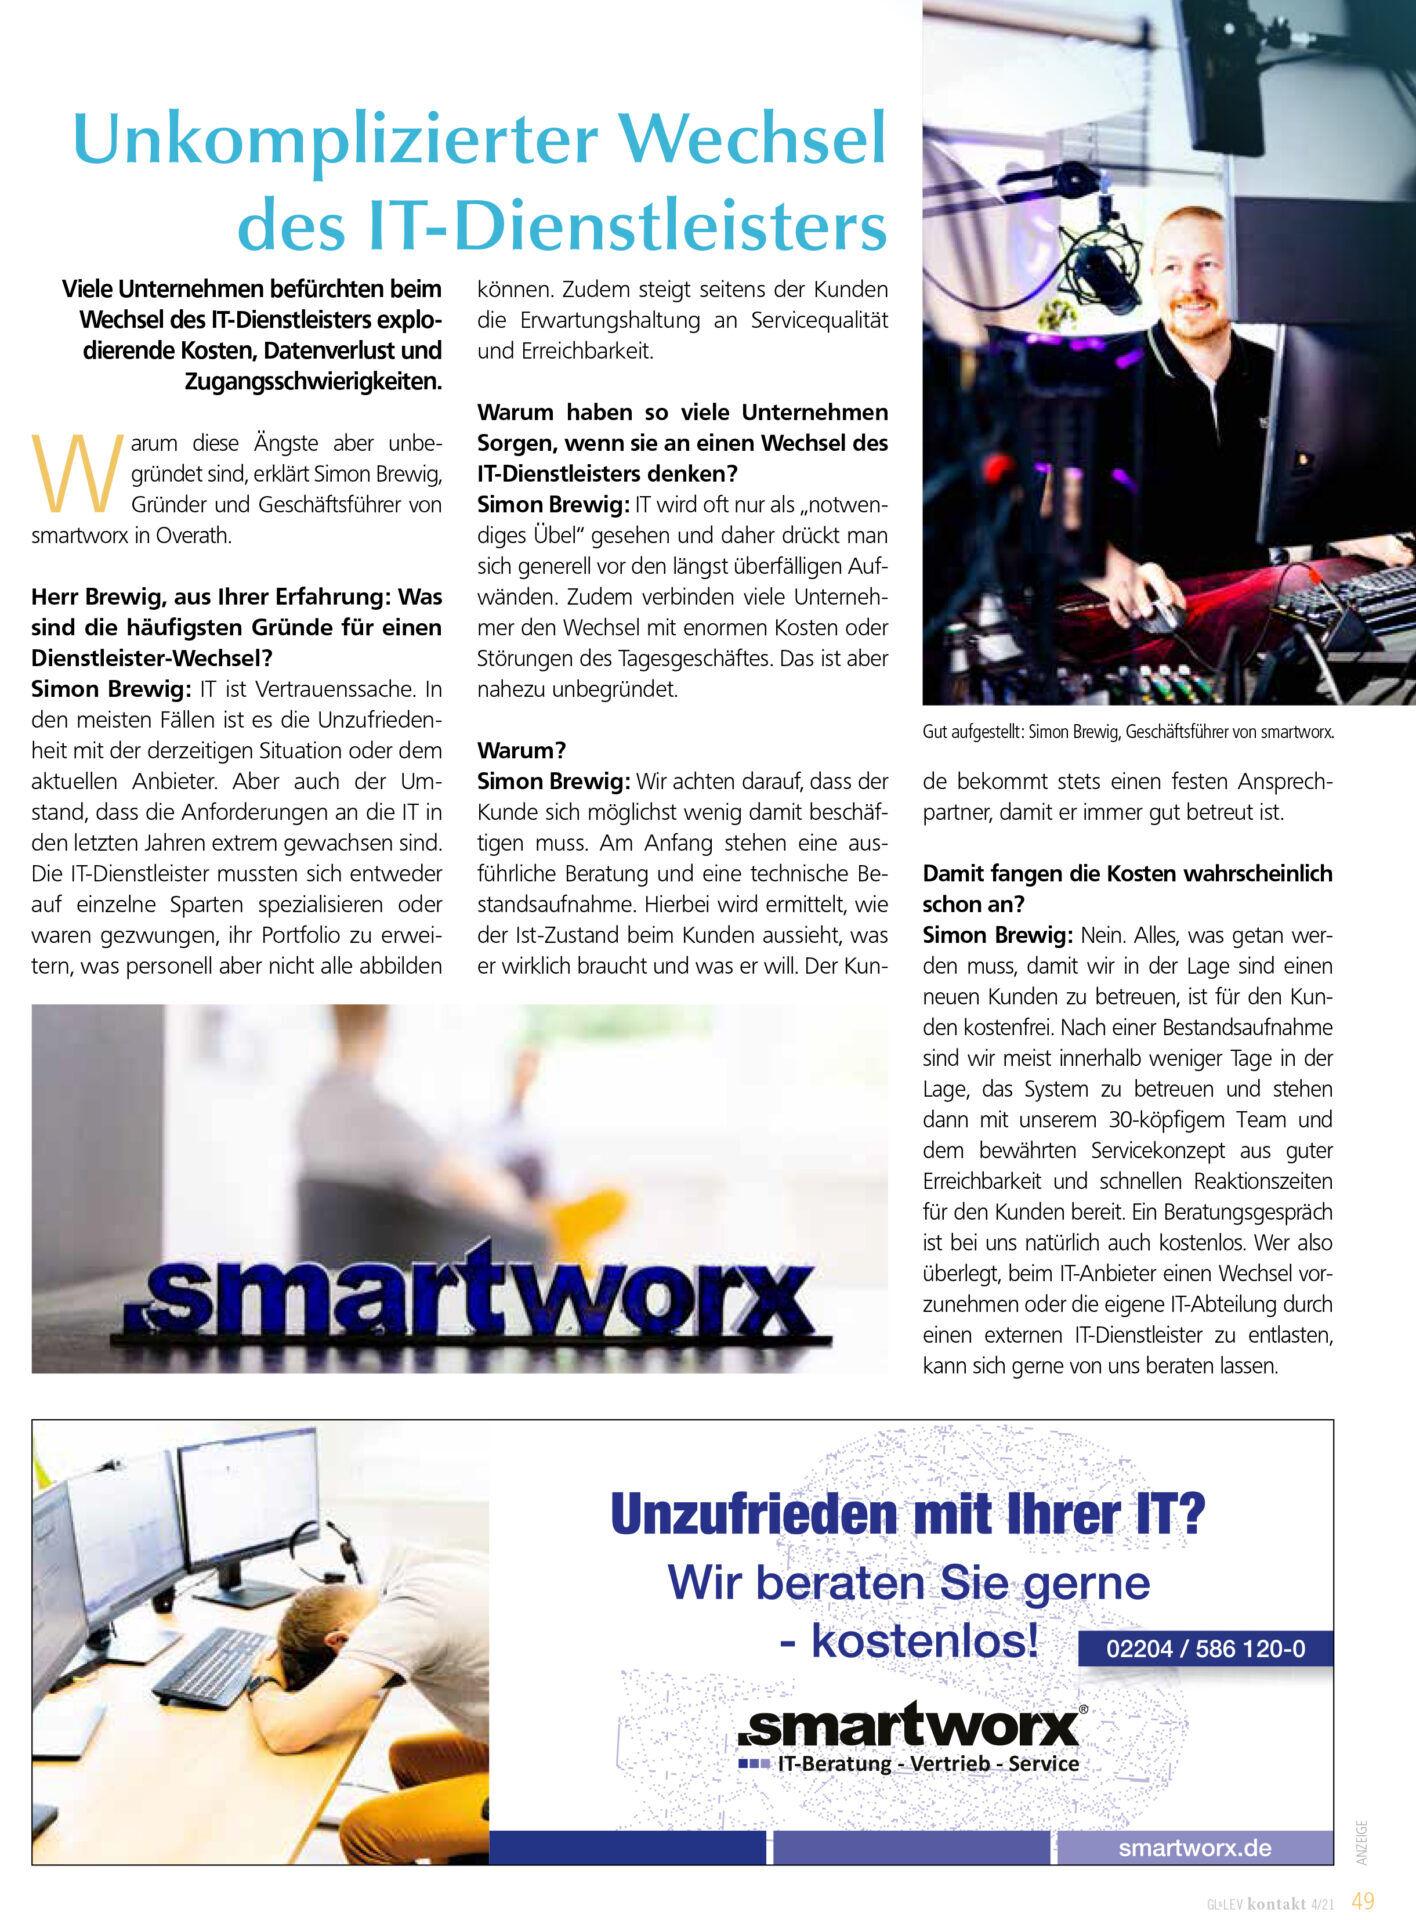 Unkomplizierter Wechsel des IT-Dienstleisters_2